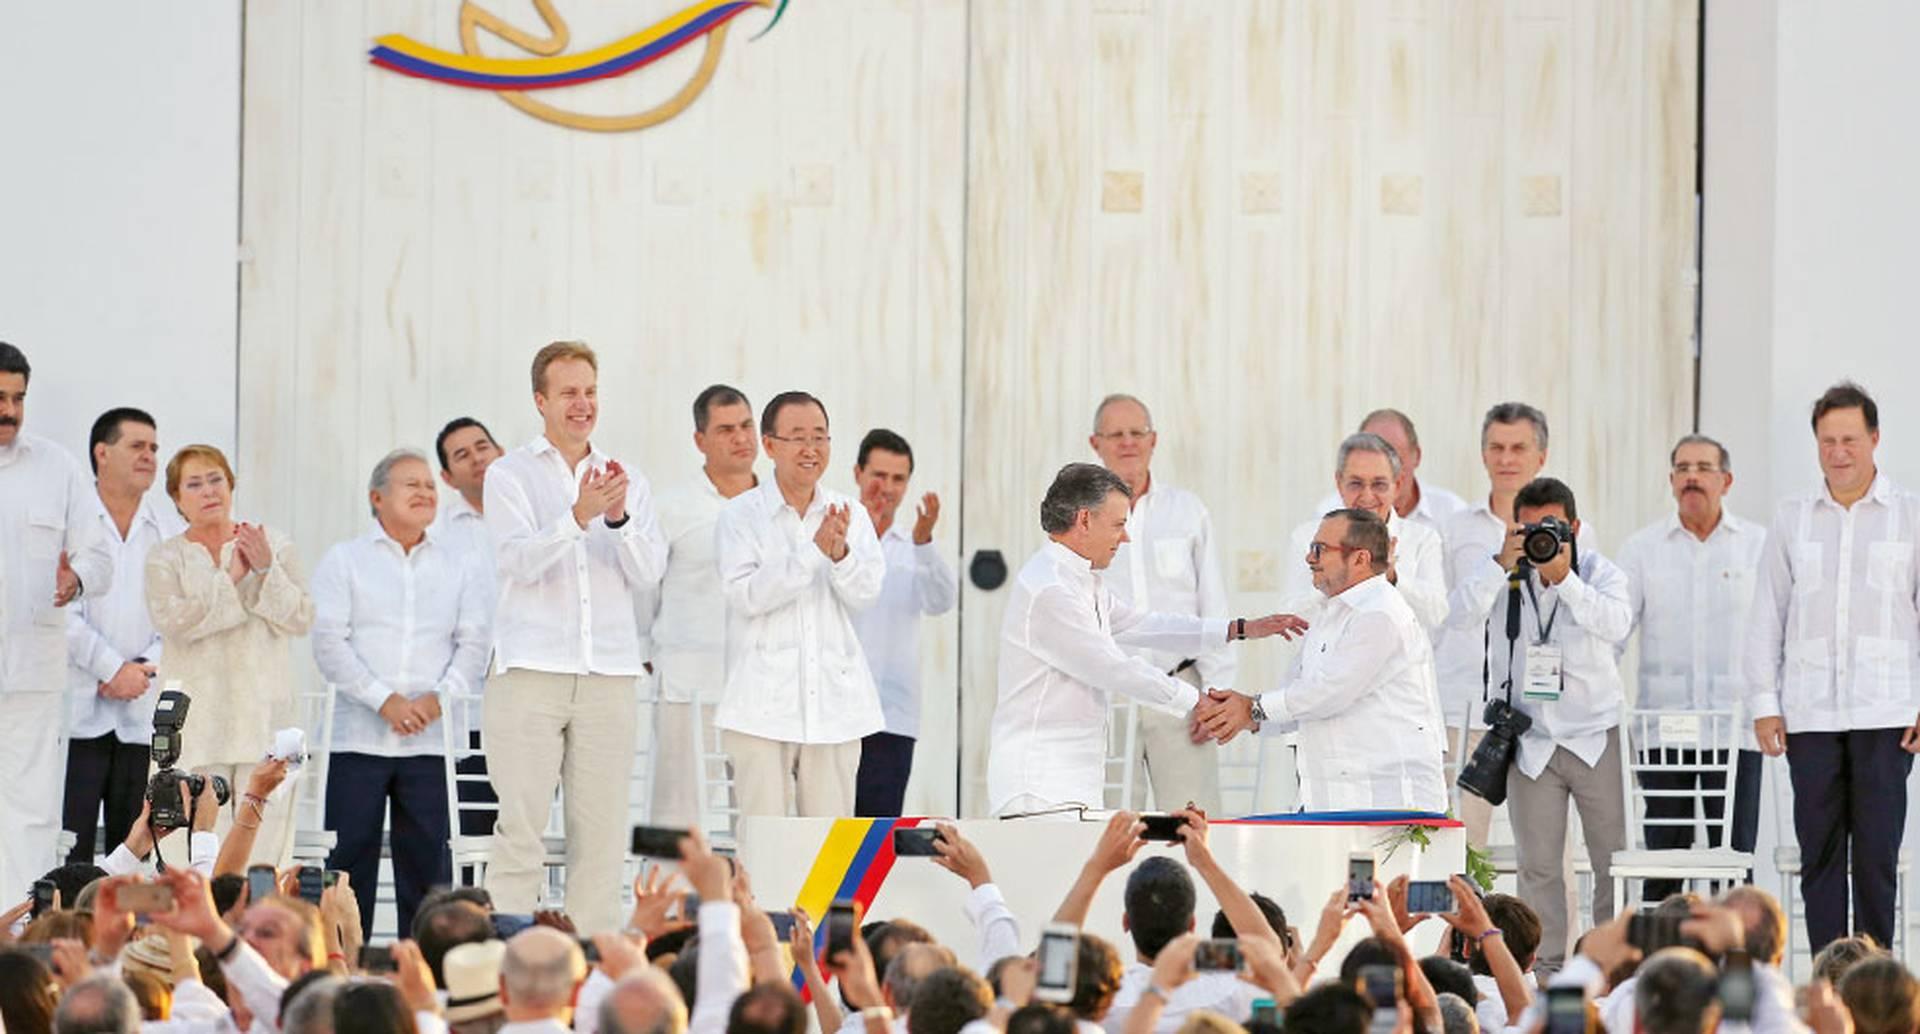 El 26 de septiembre de 2016, en cartagena, el entonces presidente JUAN MANUEL SANTOS y Rodrigo LOndoño, alias Timochenko, MÁXIMO COMANDANTE DE LAS FARC, FIRMARON EL ACUERDO DE PAZ